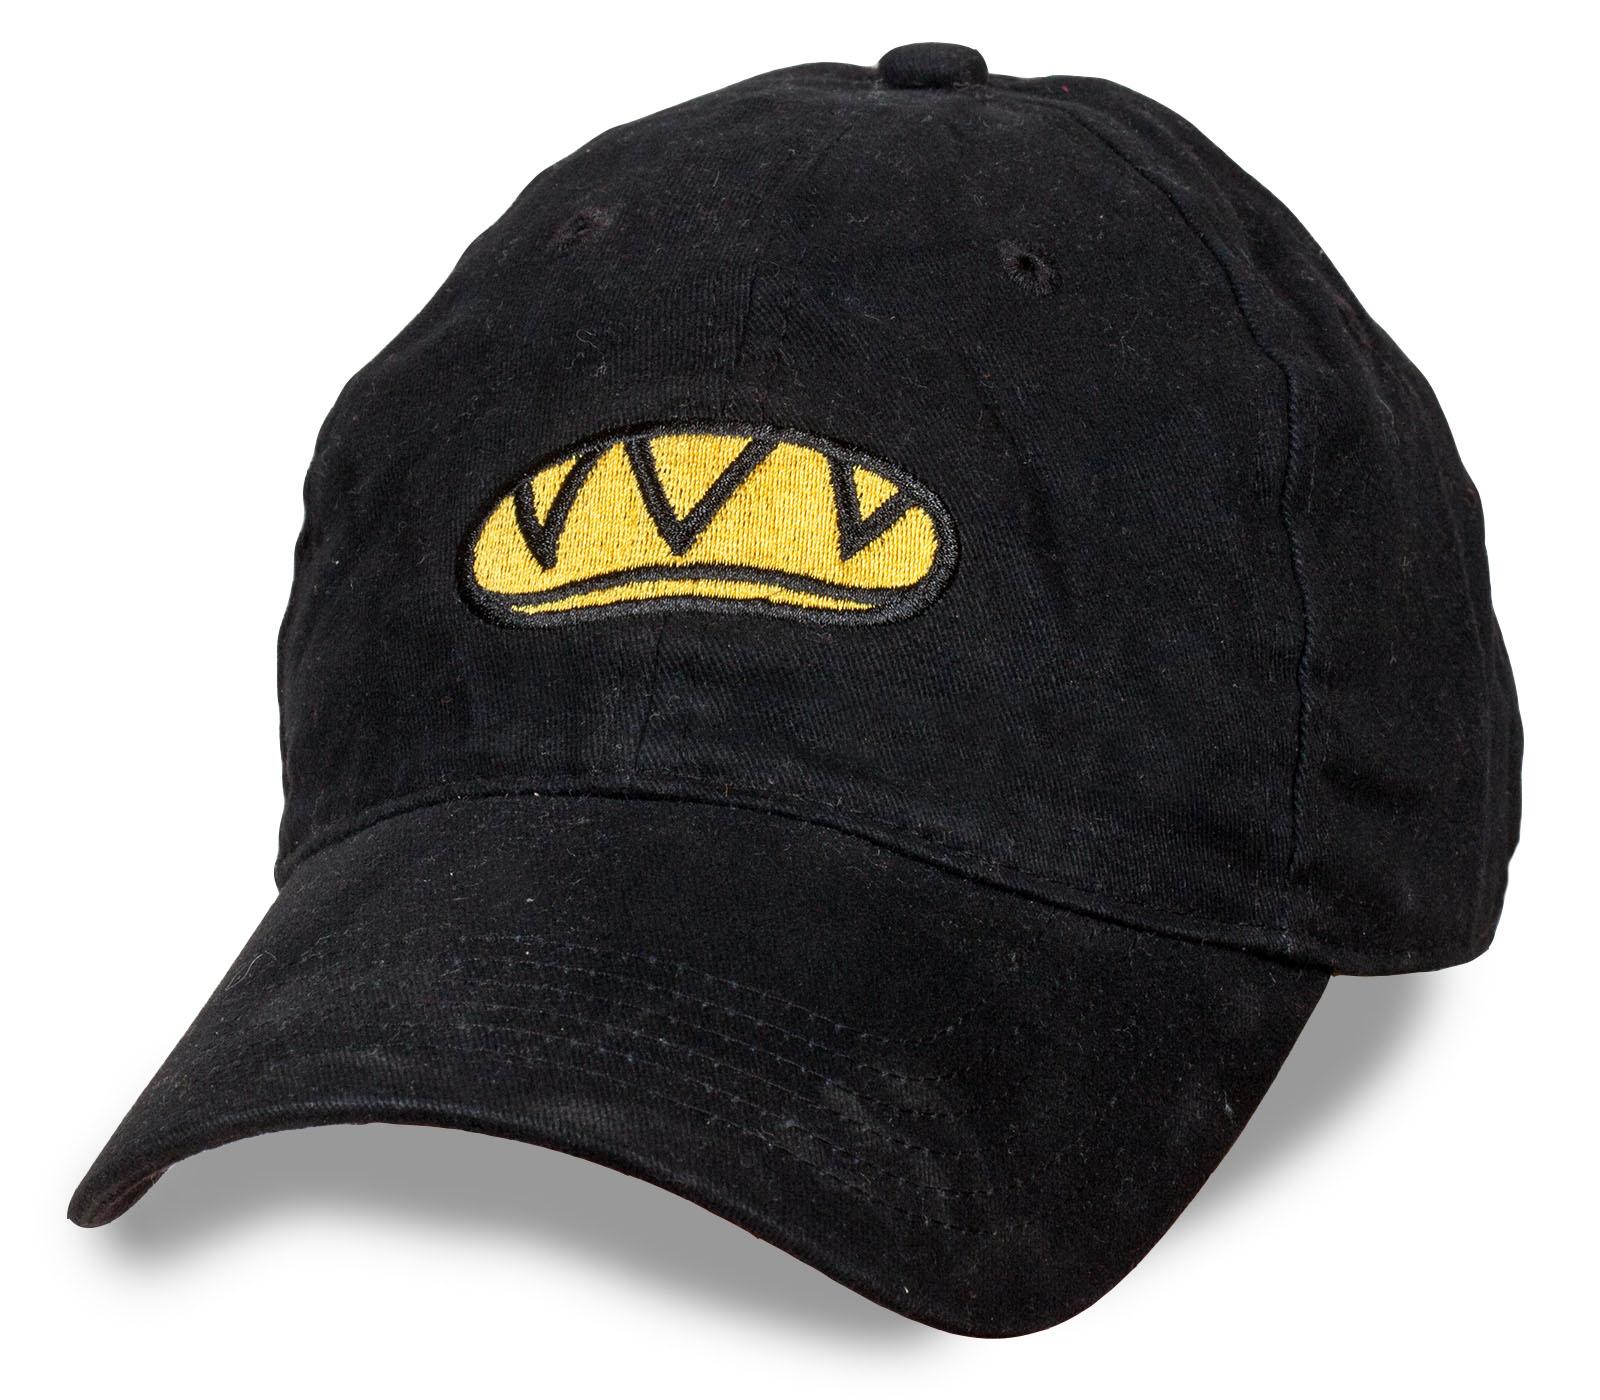 Создай свой стиль! Модная бейсболка из черного хлопка достойно смотрится всегда и везде. Практично, удобно, эффектно. Заказывай по справедливой цене!